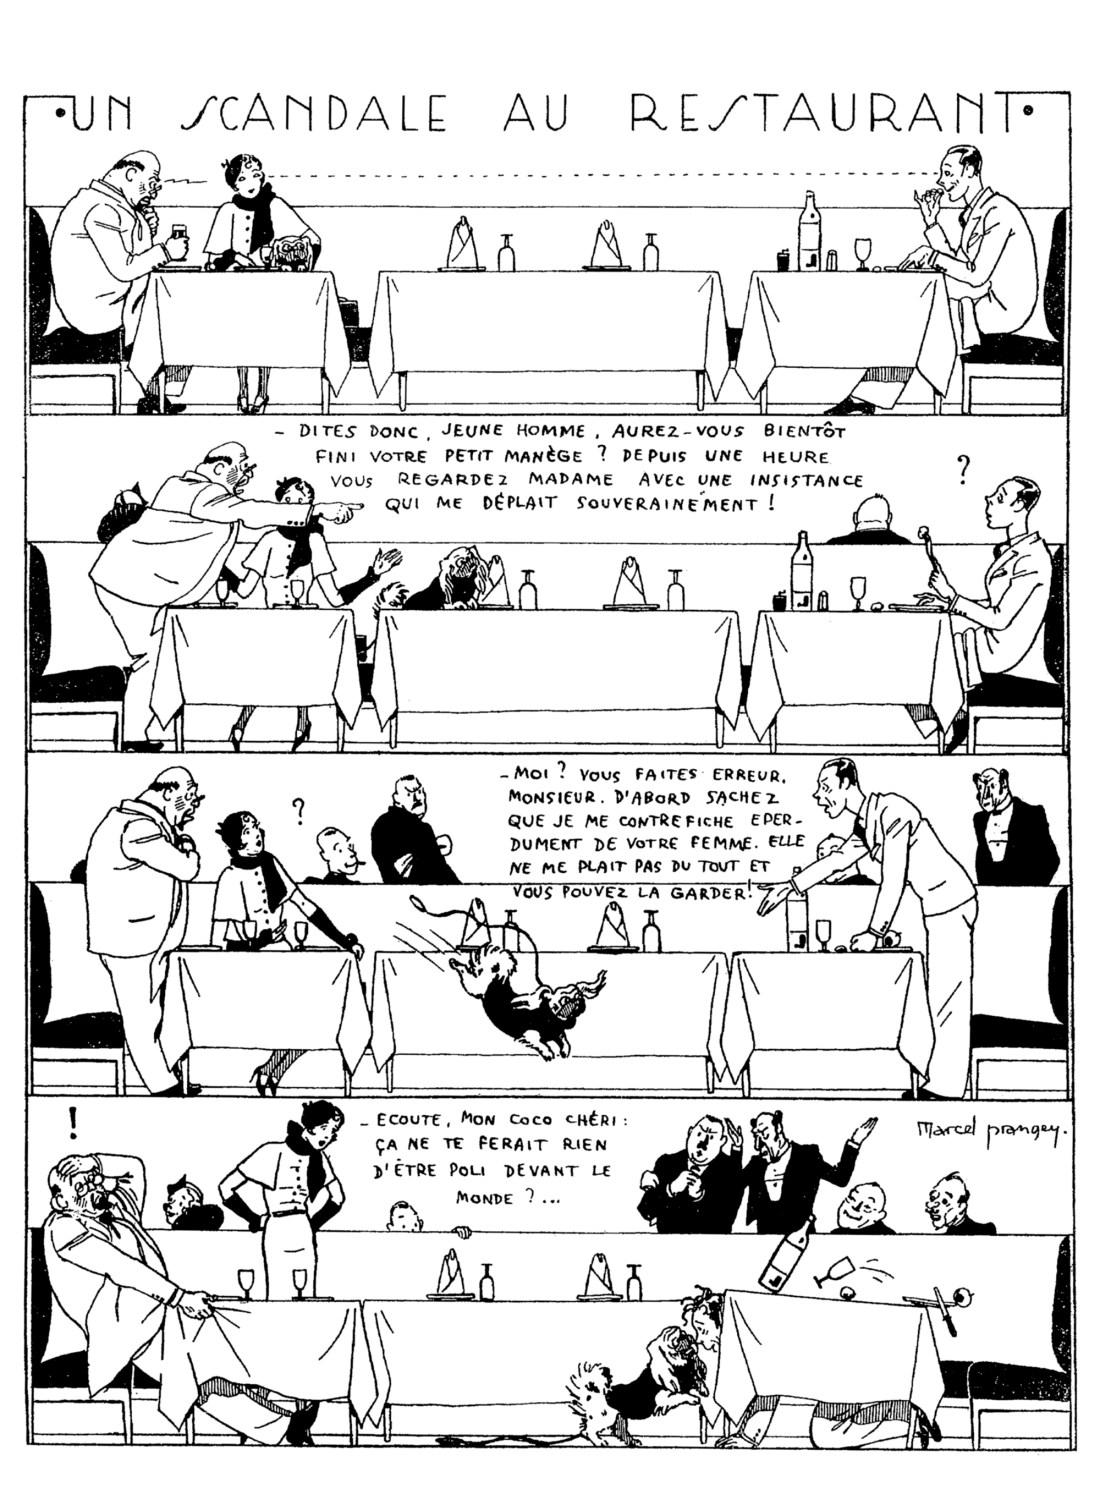 marcel-prangey-dec-1932